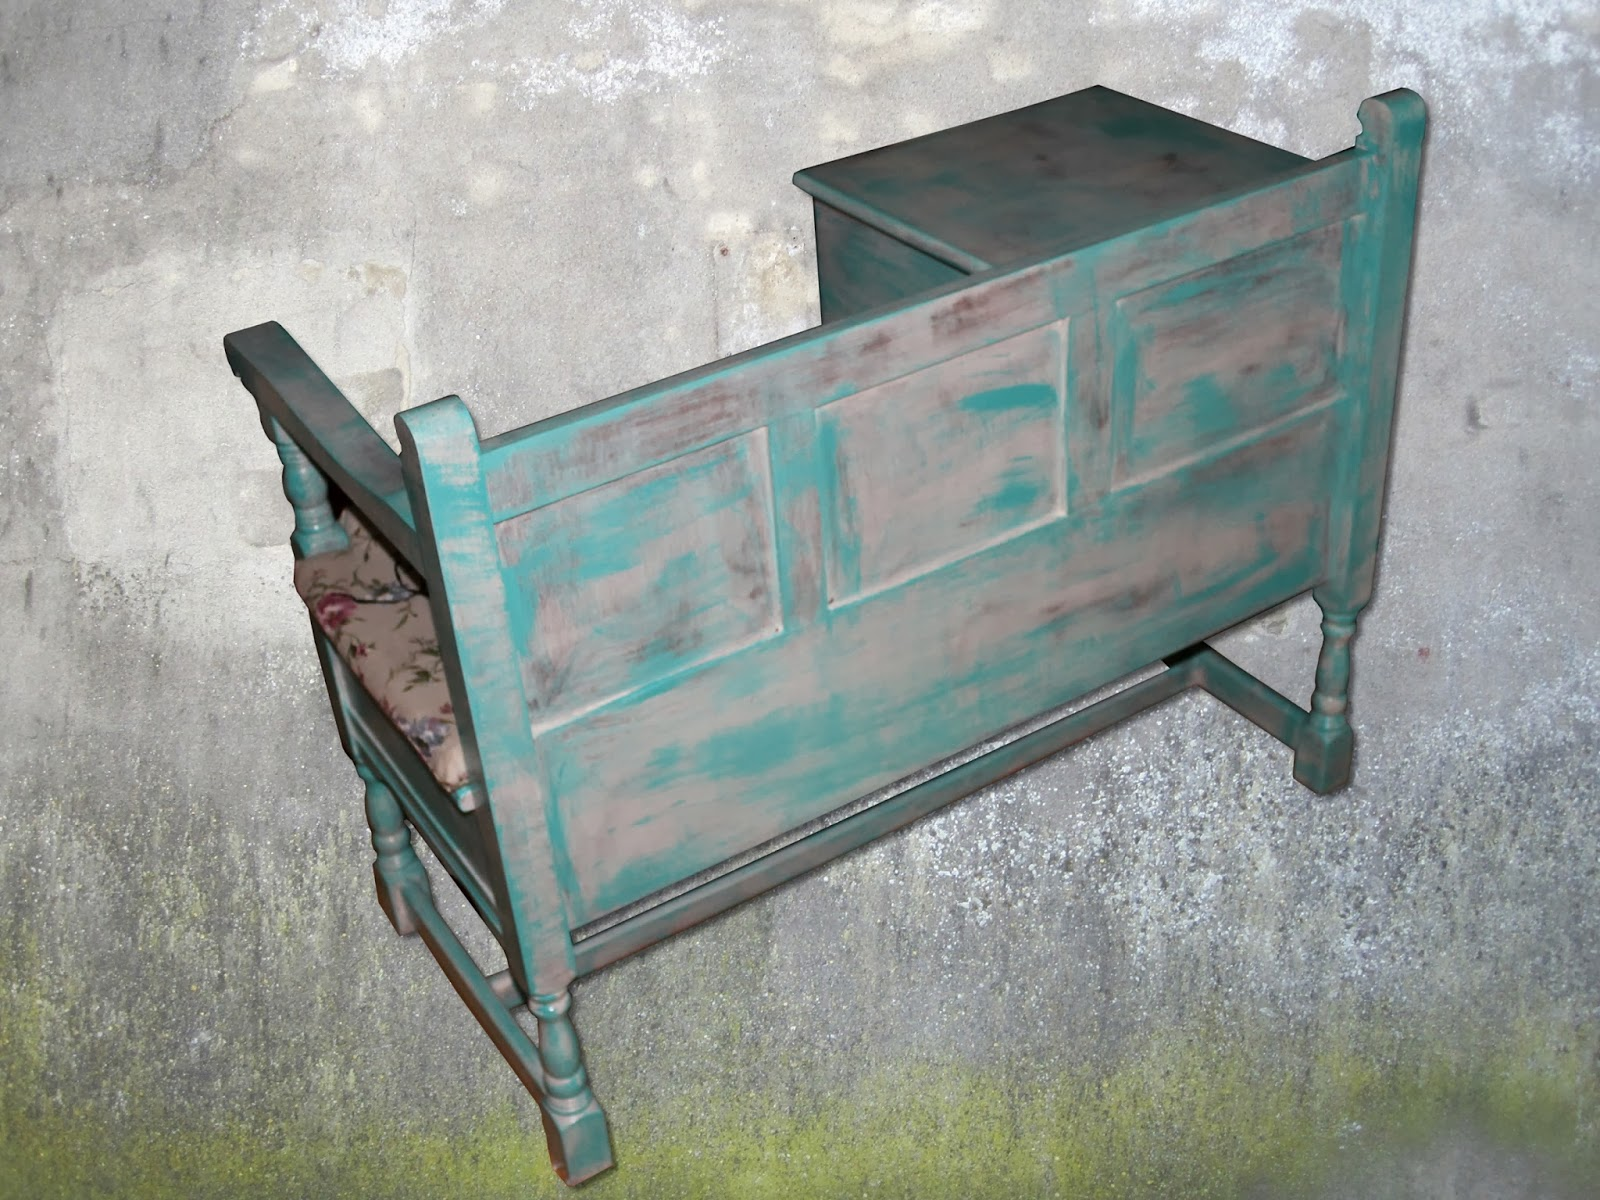 telefonbank shabbyphone. Black Bedroom Furniture Sets. Home Design Ideas